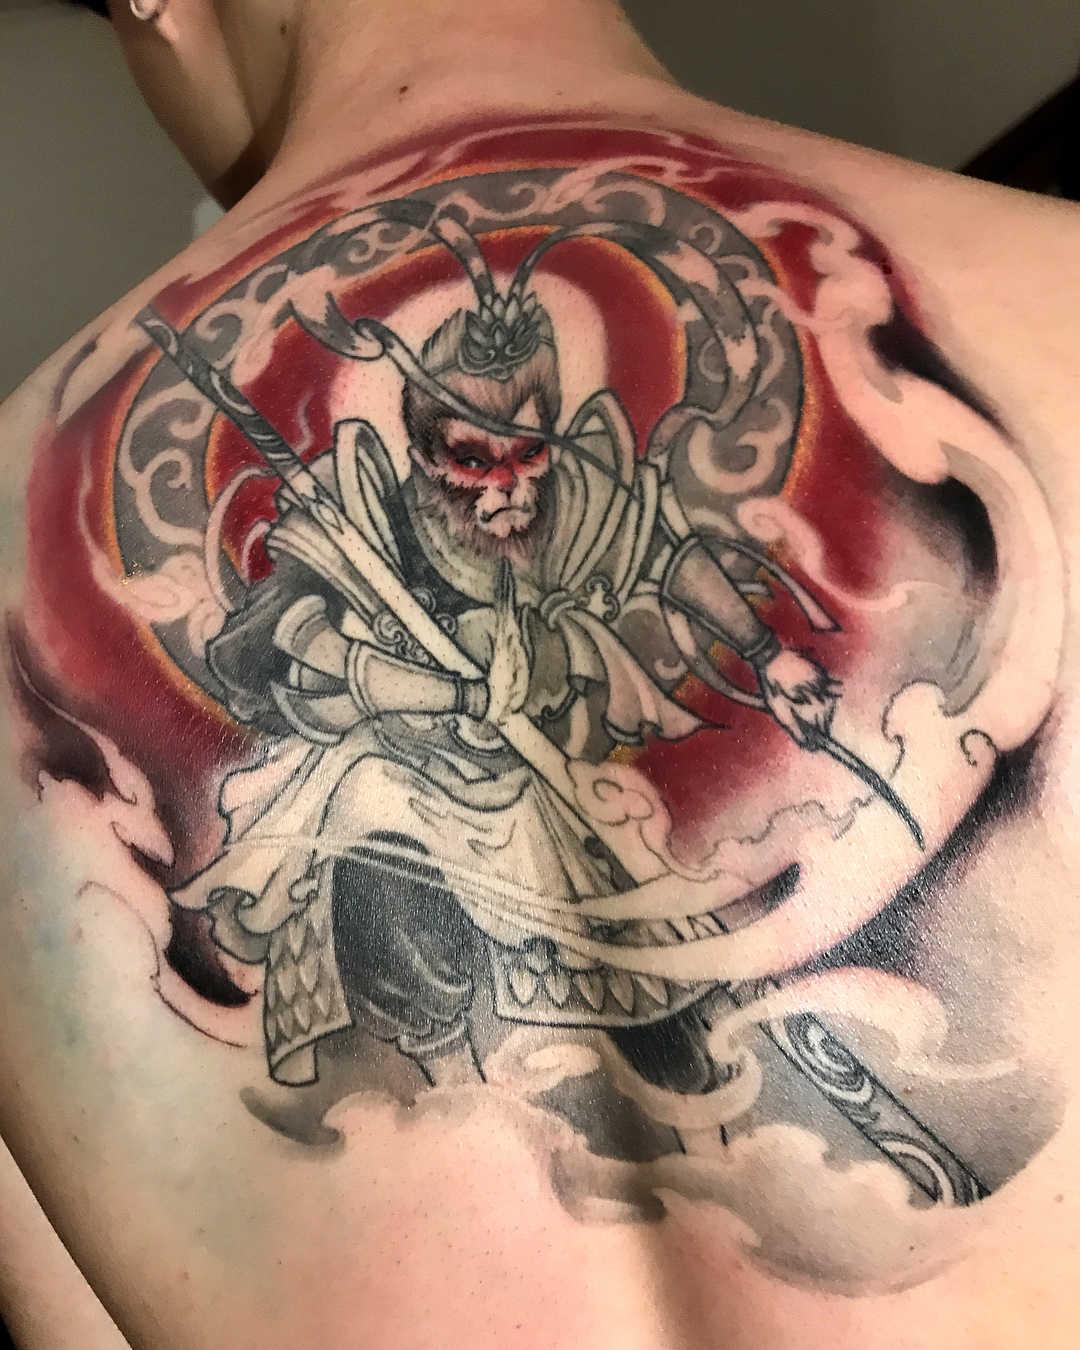 纹身蛋糕齐天大圣标志后背v纹身图案店先生图片